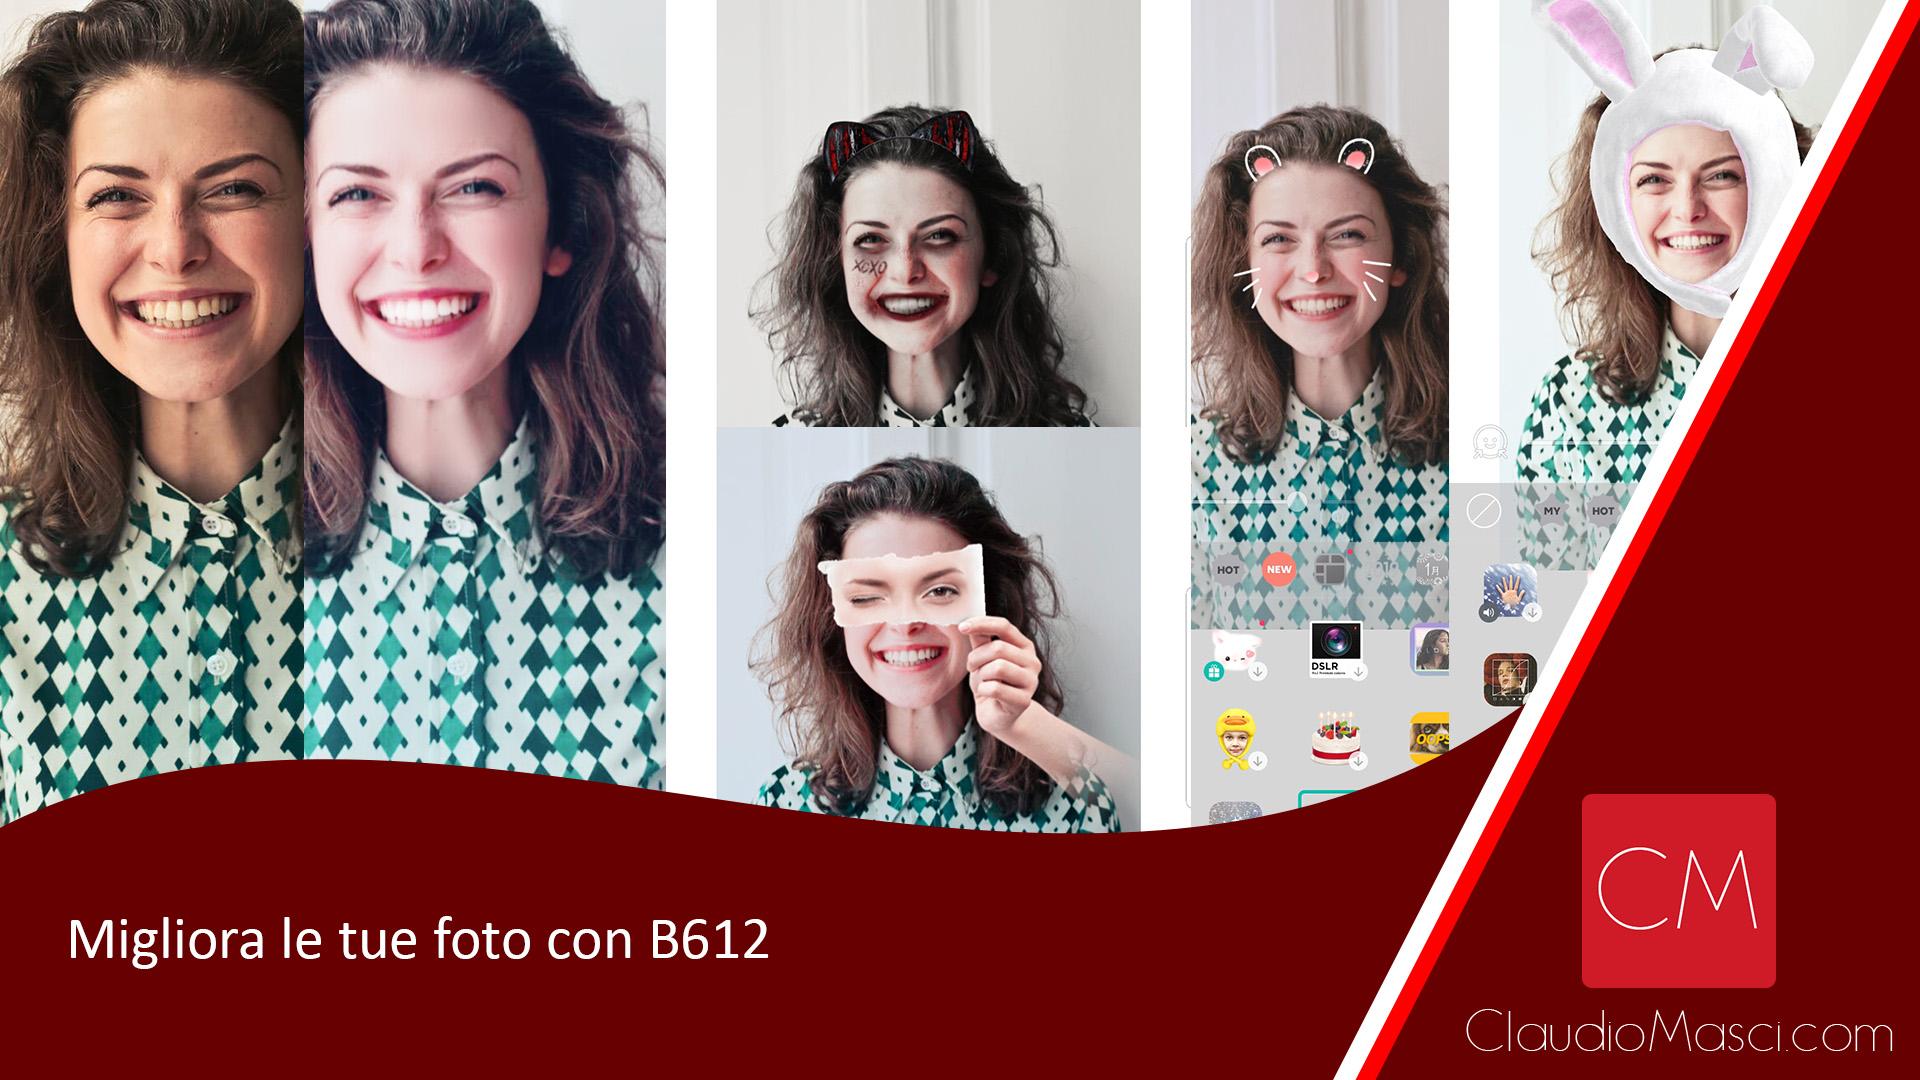 Migliora le tue foto con B612